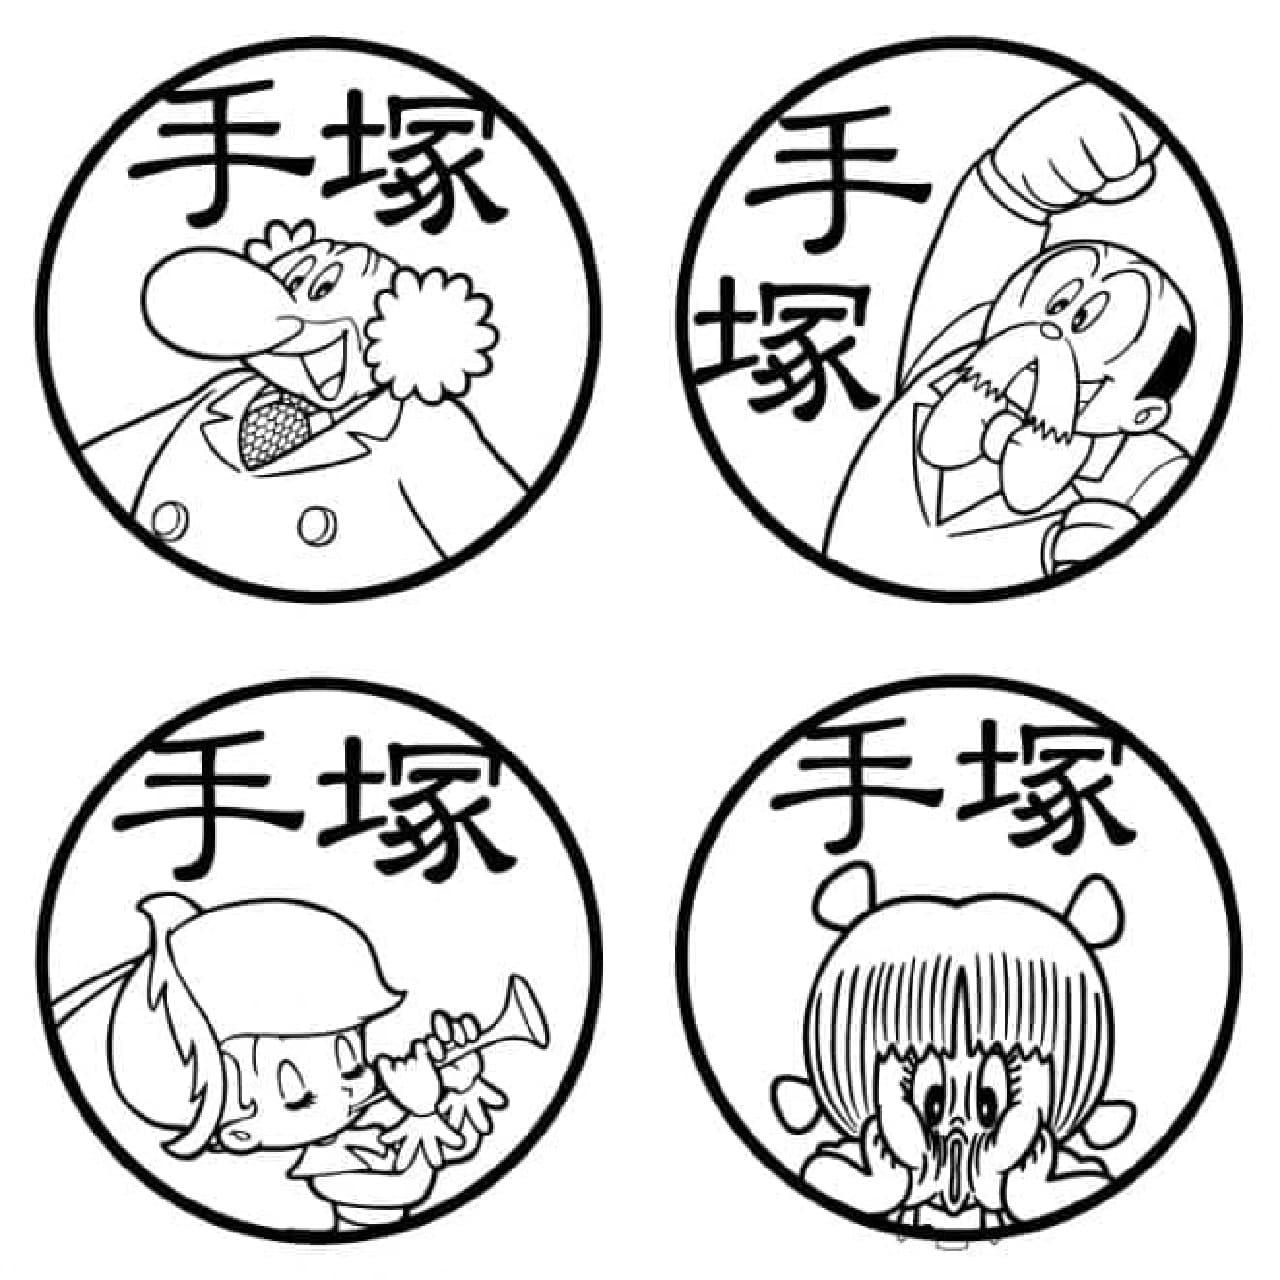 銀行印としても使える「手塚ずかん」第二弾発売